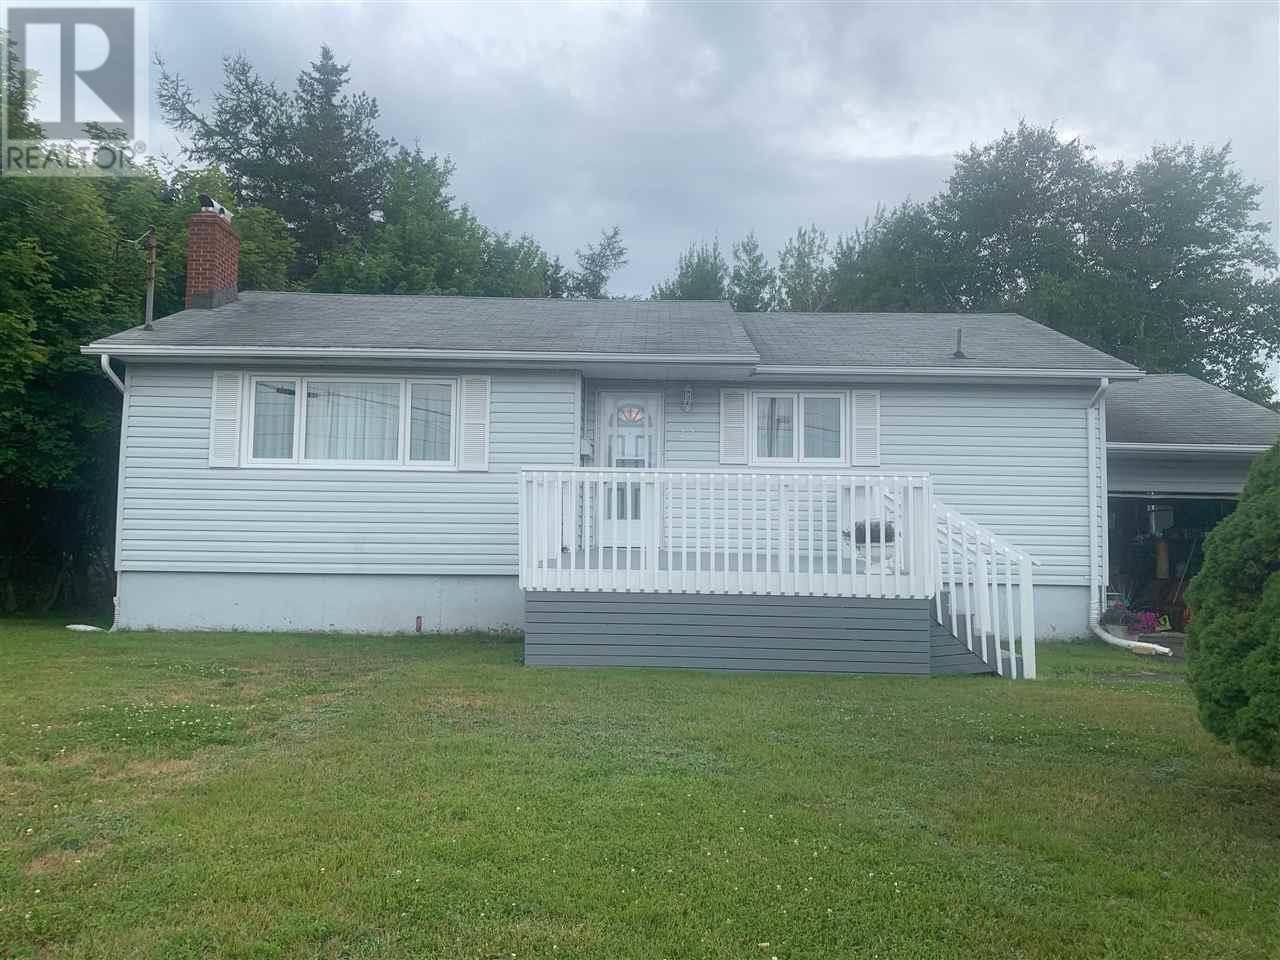 House for sale at 12 Hillcrest Dr Coxheath Nova Scotia - MLS: 201919754